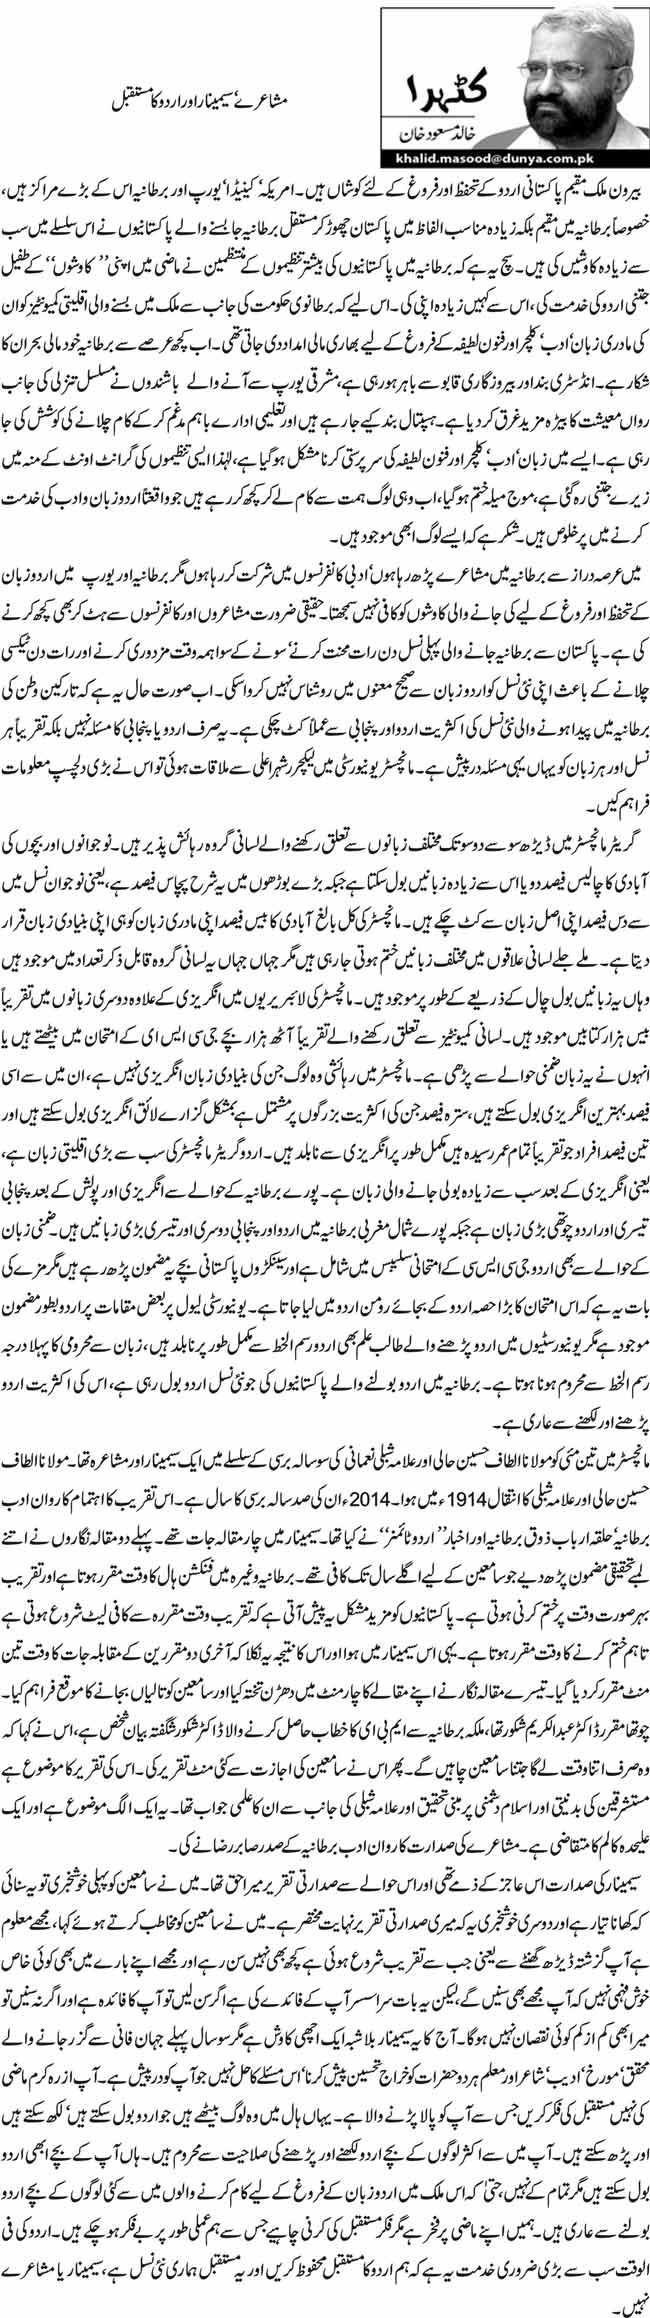 مشاعرے ' سیمینار اور اردو کا مستقبل